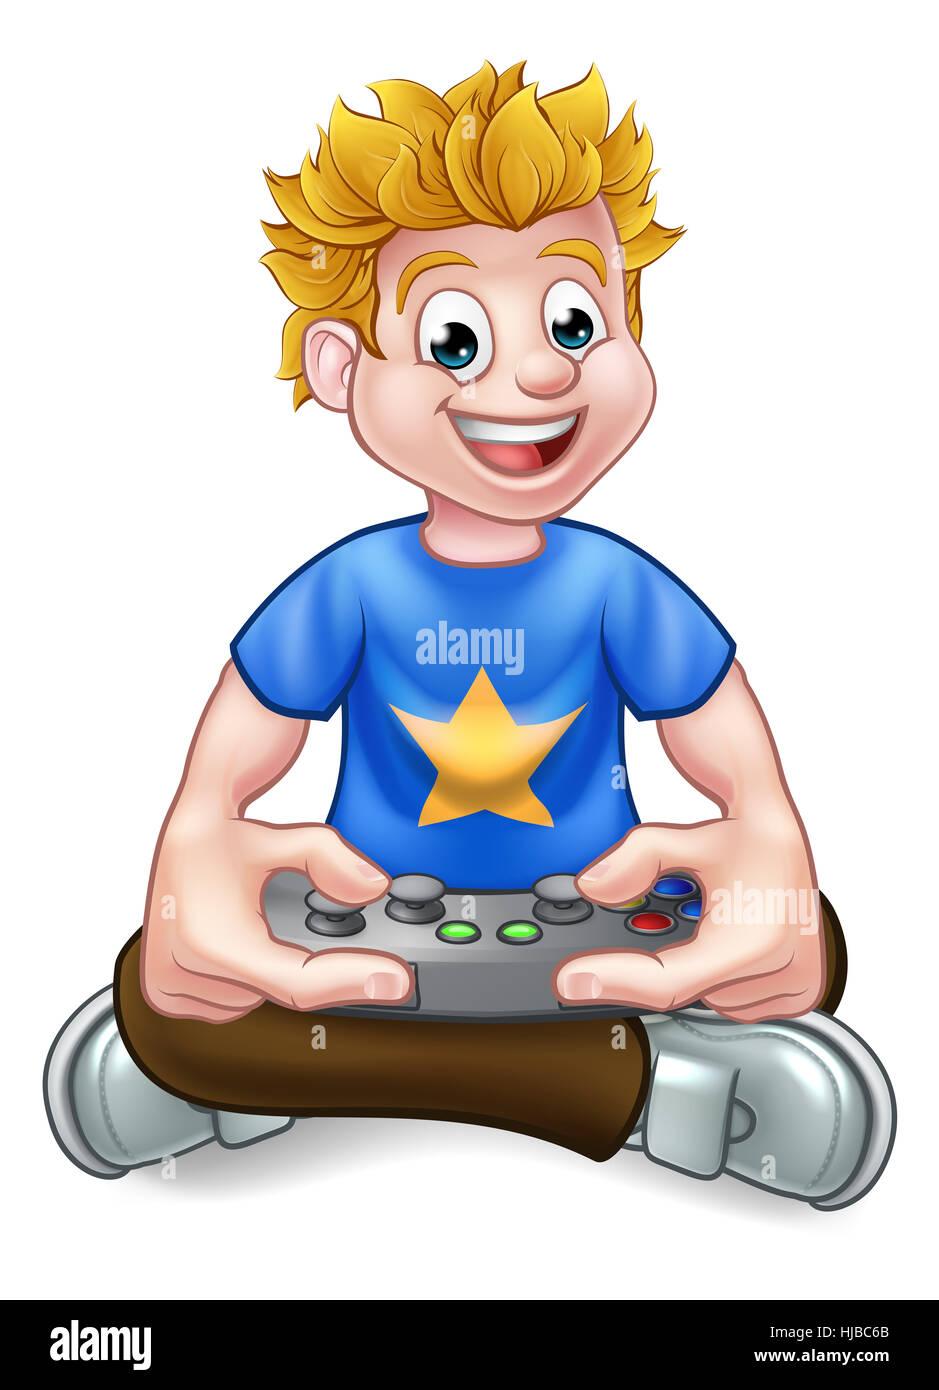 Un Dessin De Gamer S Amusant A Jouer Aux Jeux Video Photo Stock Alamy